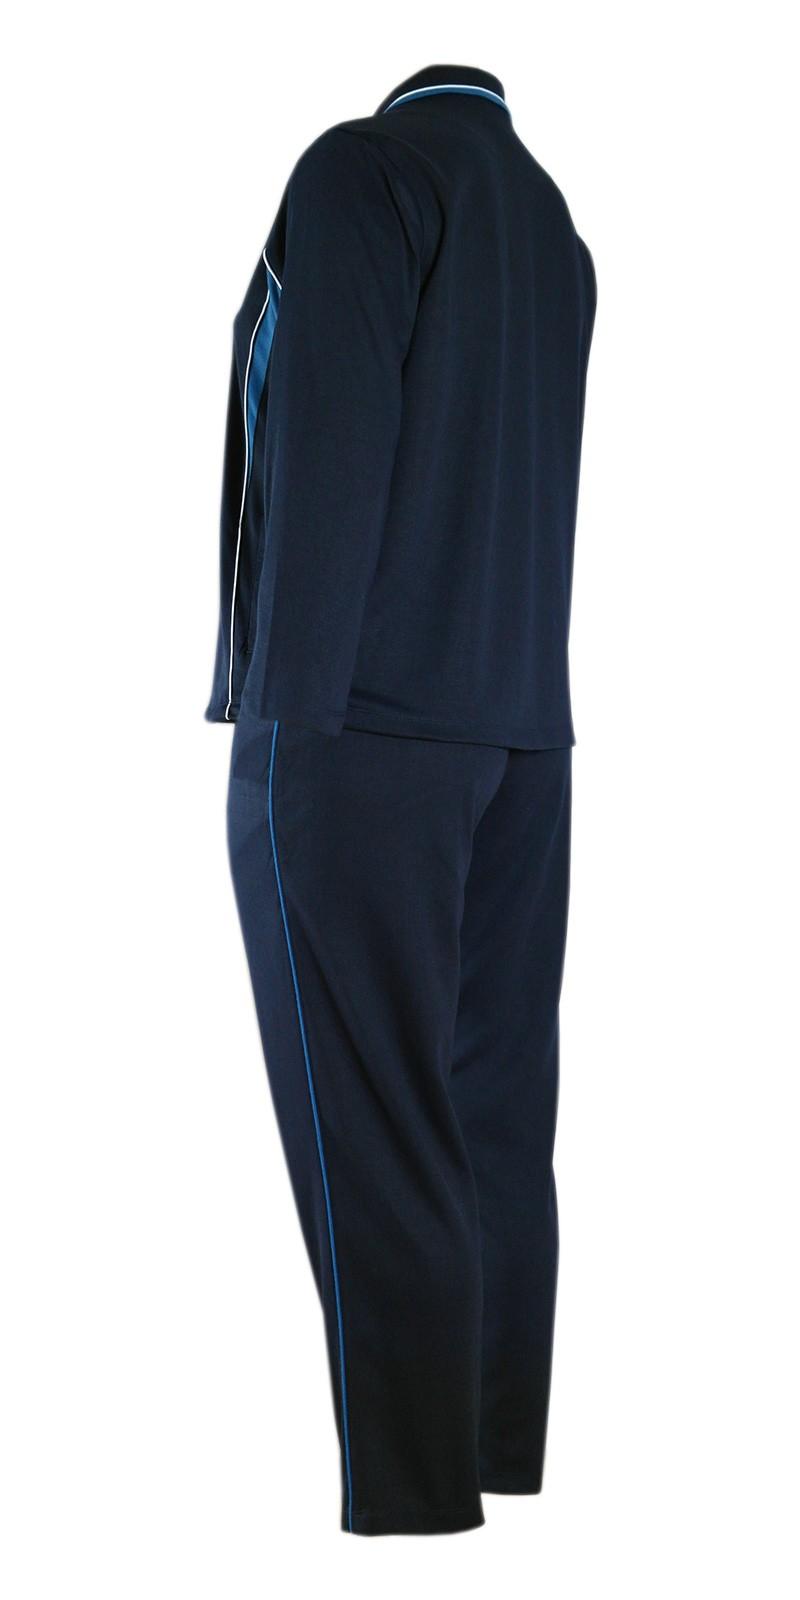 Damen Baumwoll Freizeit- Sportanzug Jogginganzug in fünf schönen Farbtönen - Dunkelblau